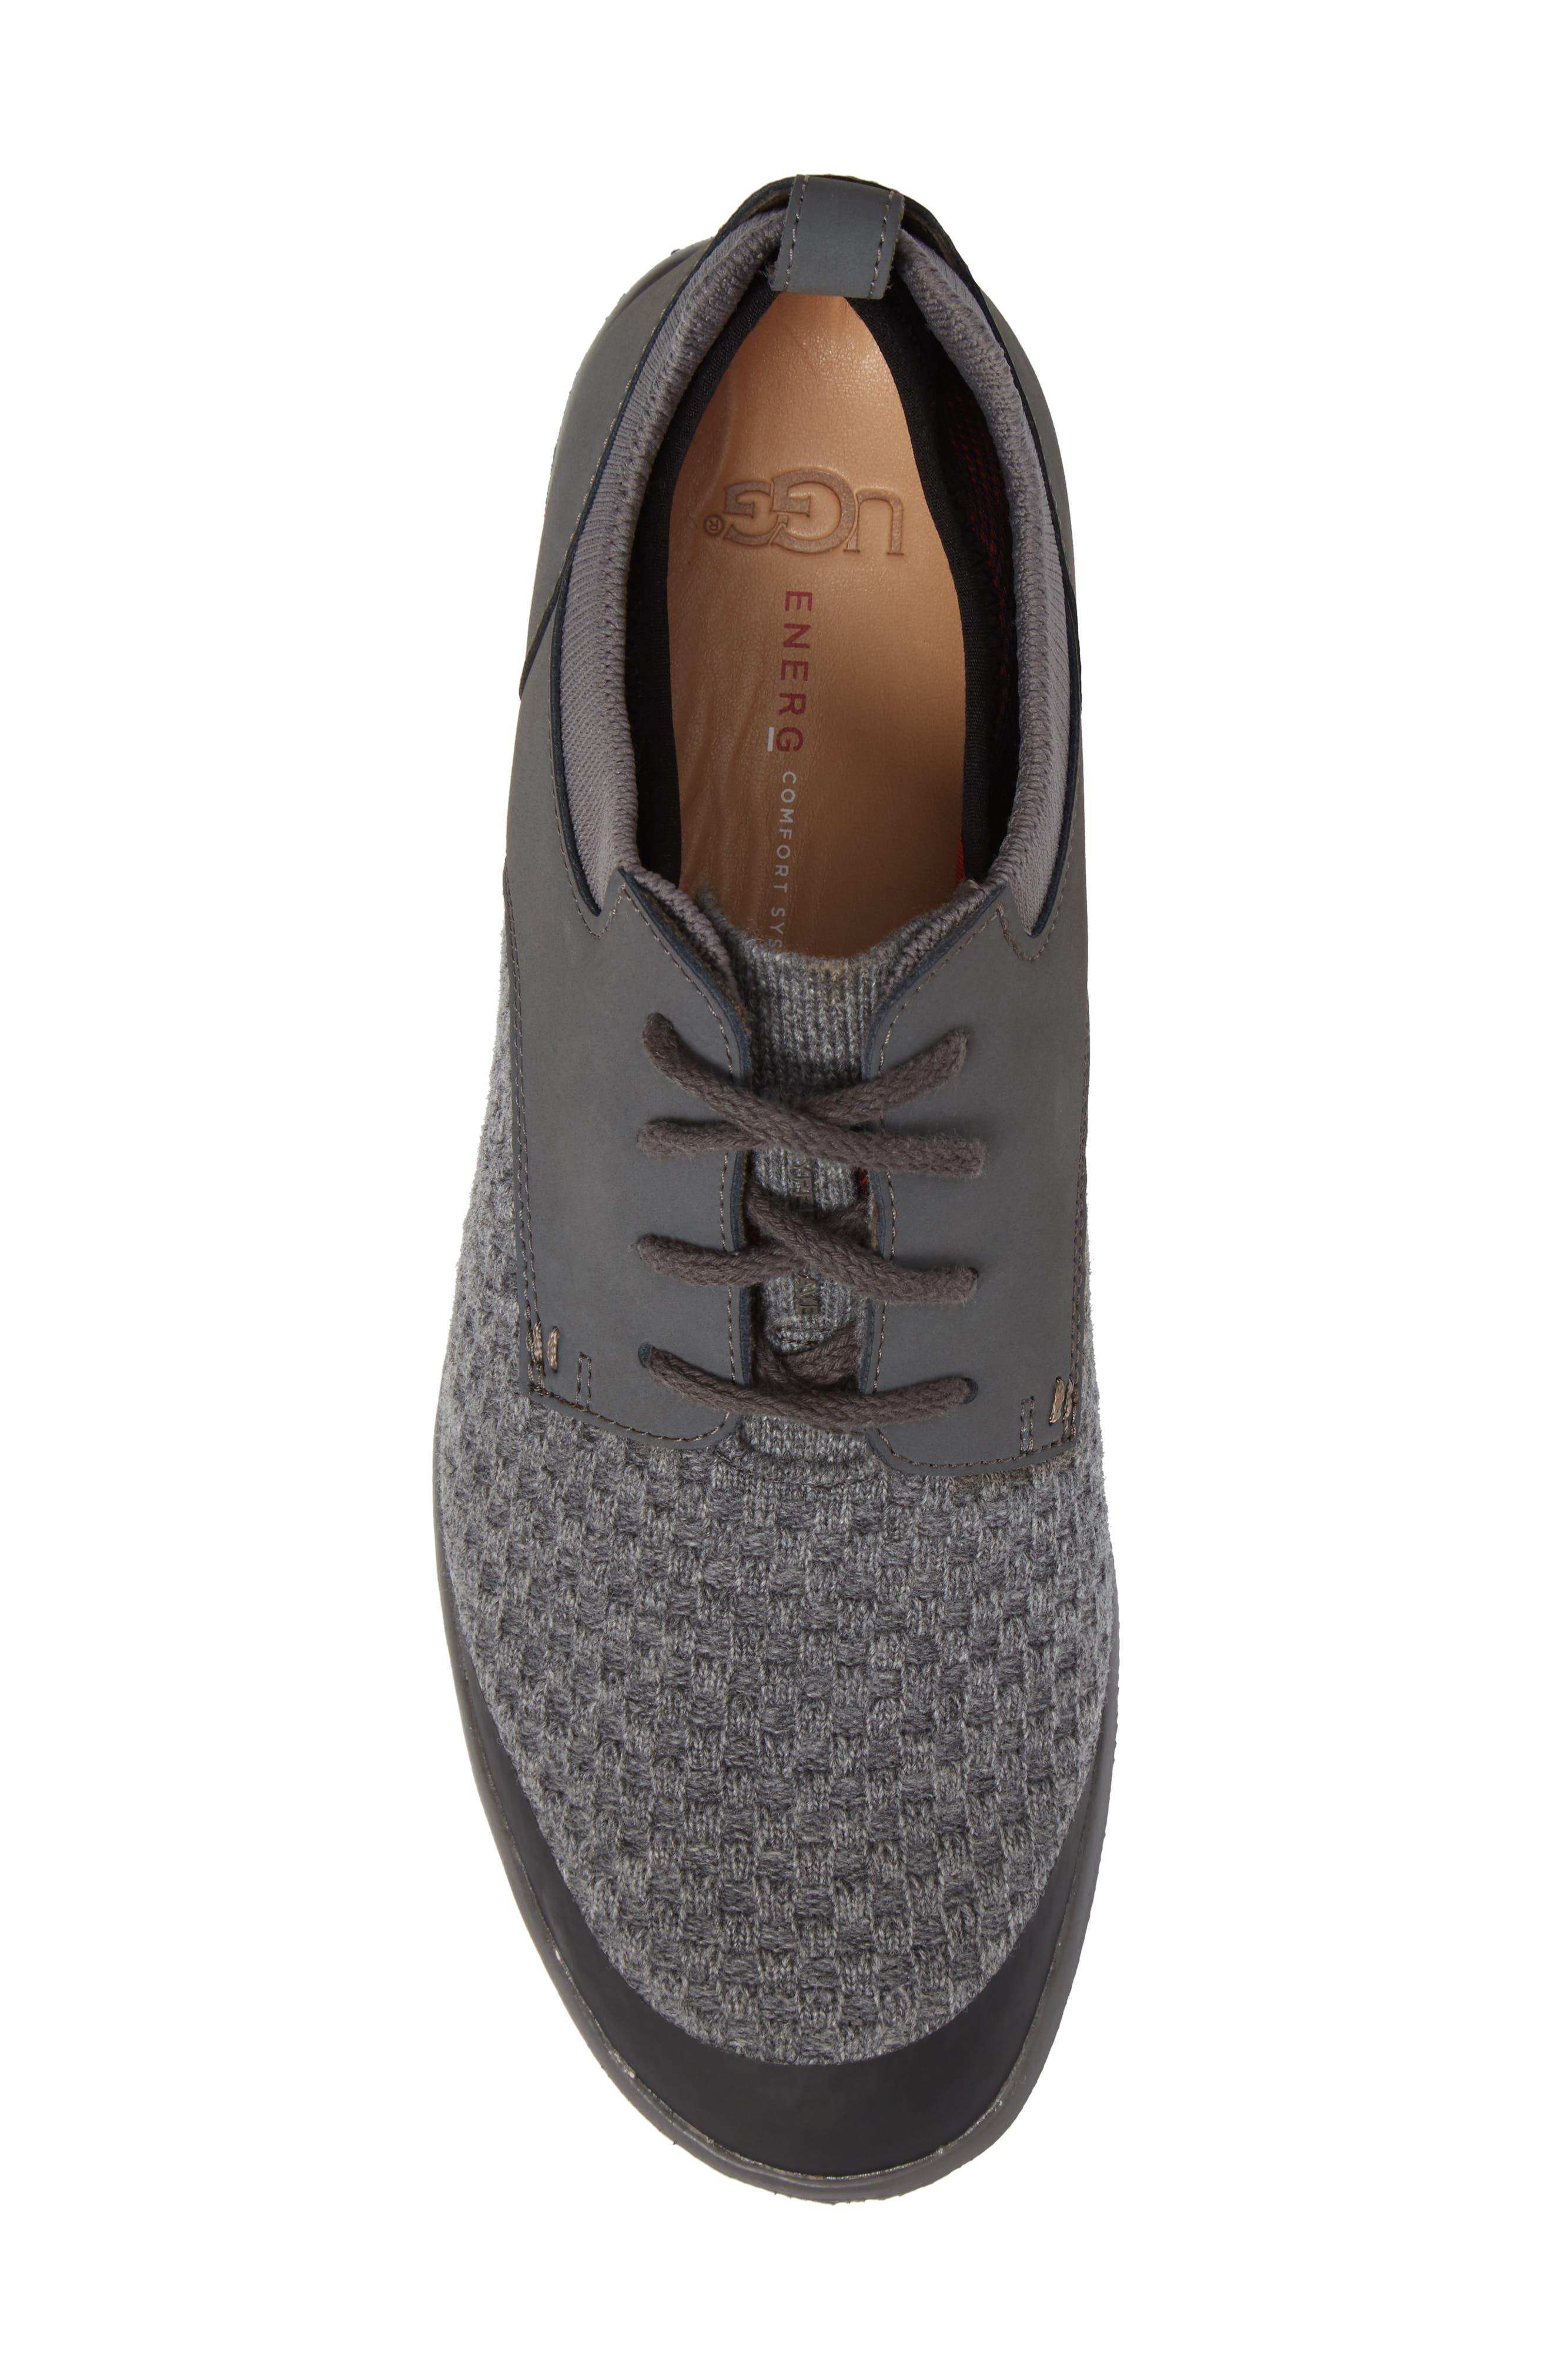 Hepner HyperWeave Sneaker,                             Alternate thumbnail 5, color,                             Dark Charcoal